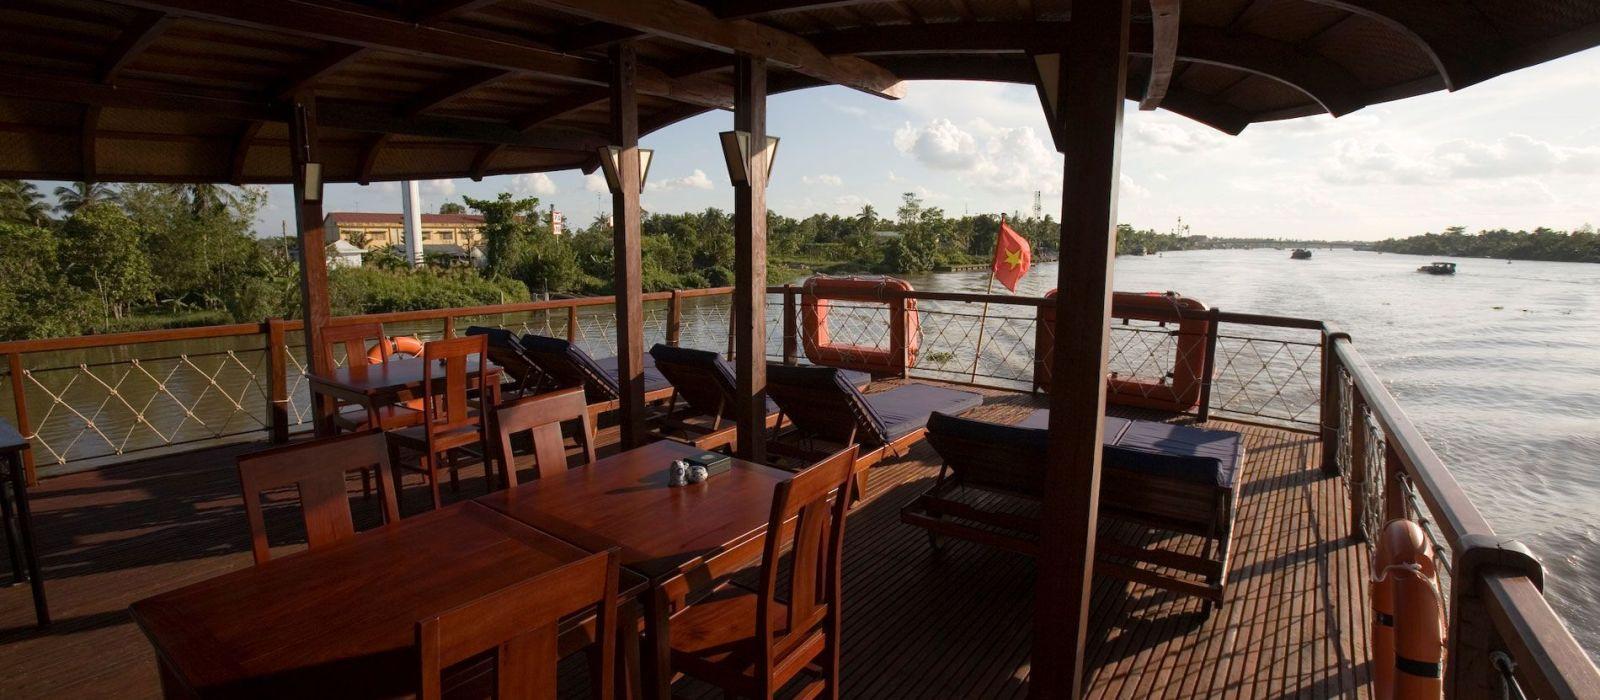 Hotel Bassac Cruise Vietnam